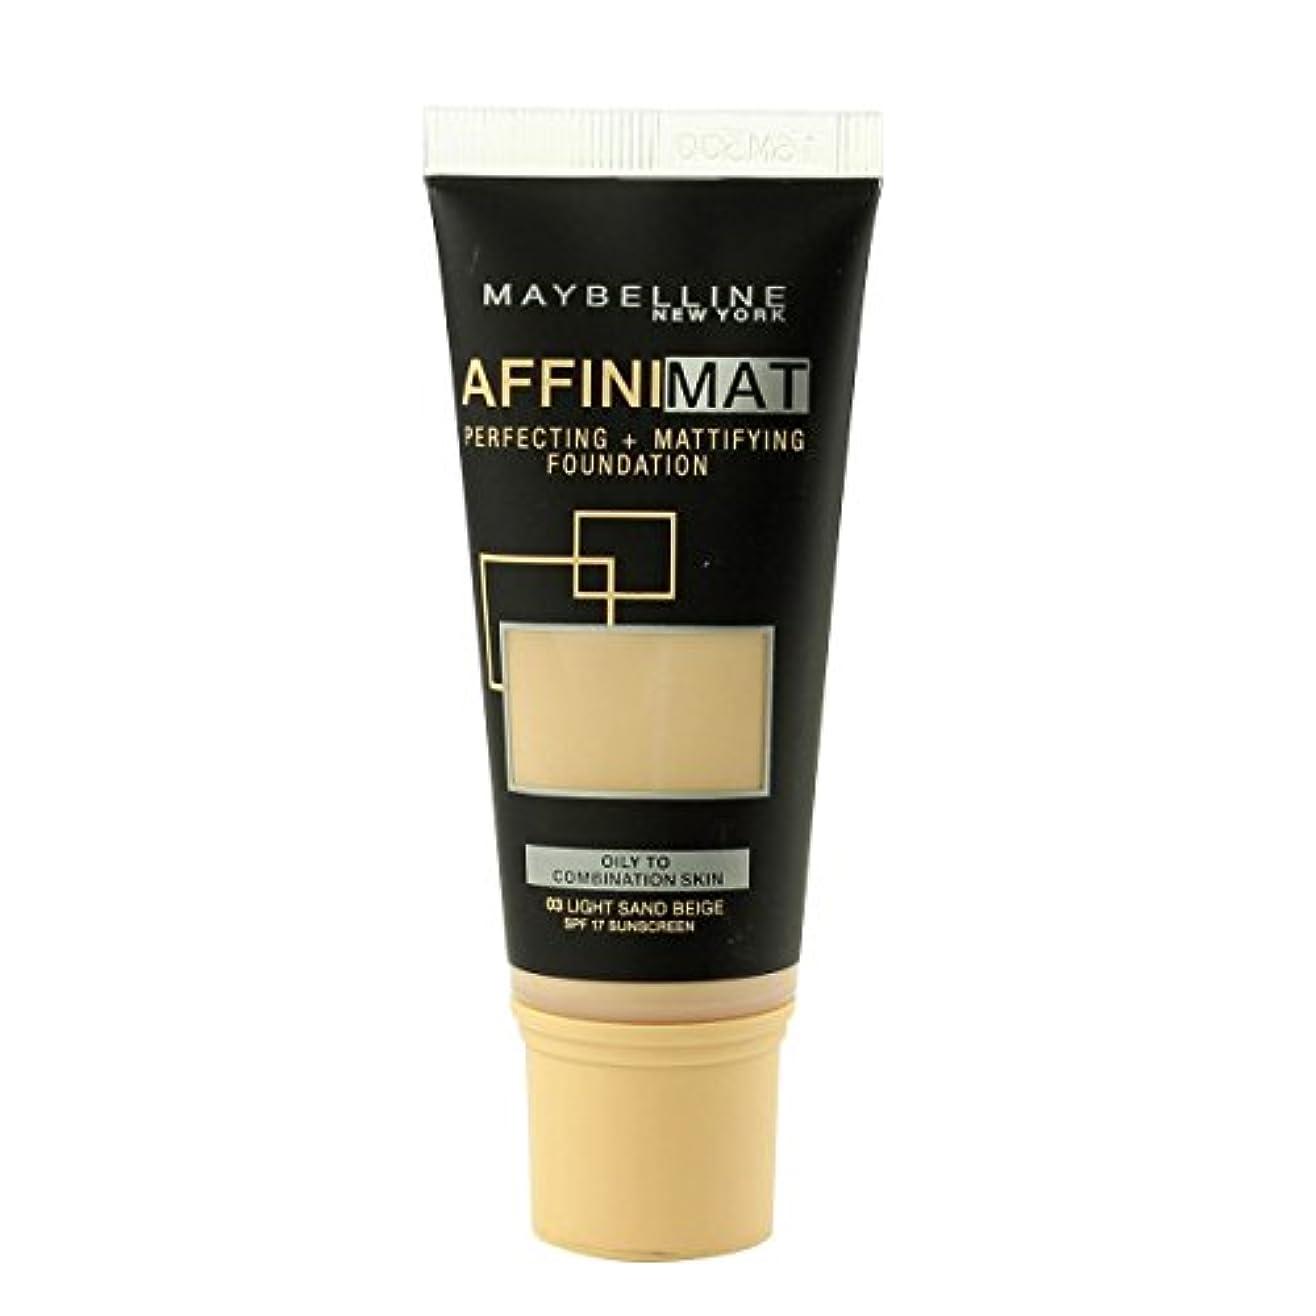 加入柔らかい足地味なMaybelline Affinimat Perf.+Mattif. Foundation SPF17 (03 Light Sand Beige) 30ml